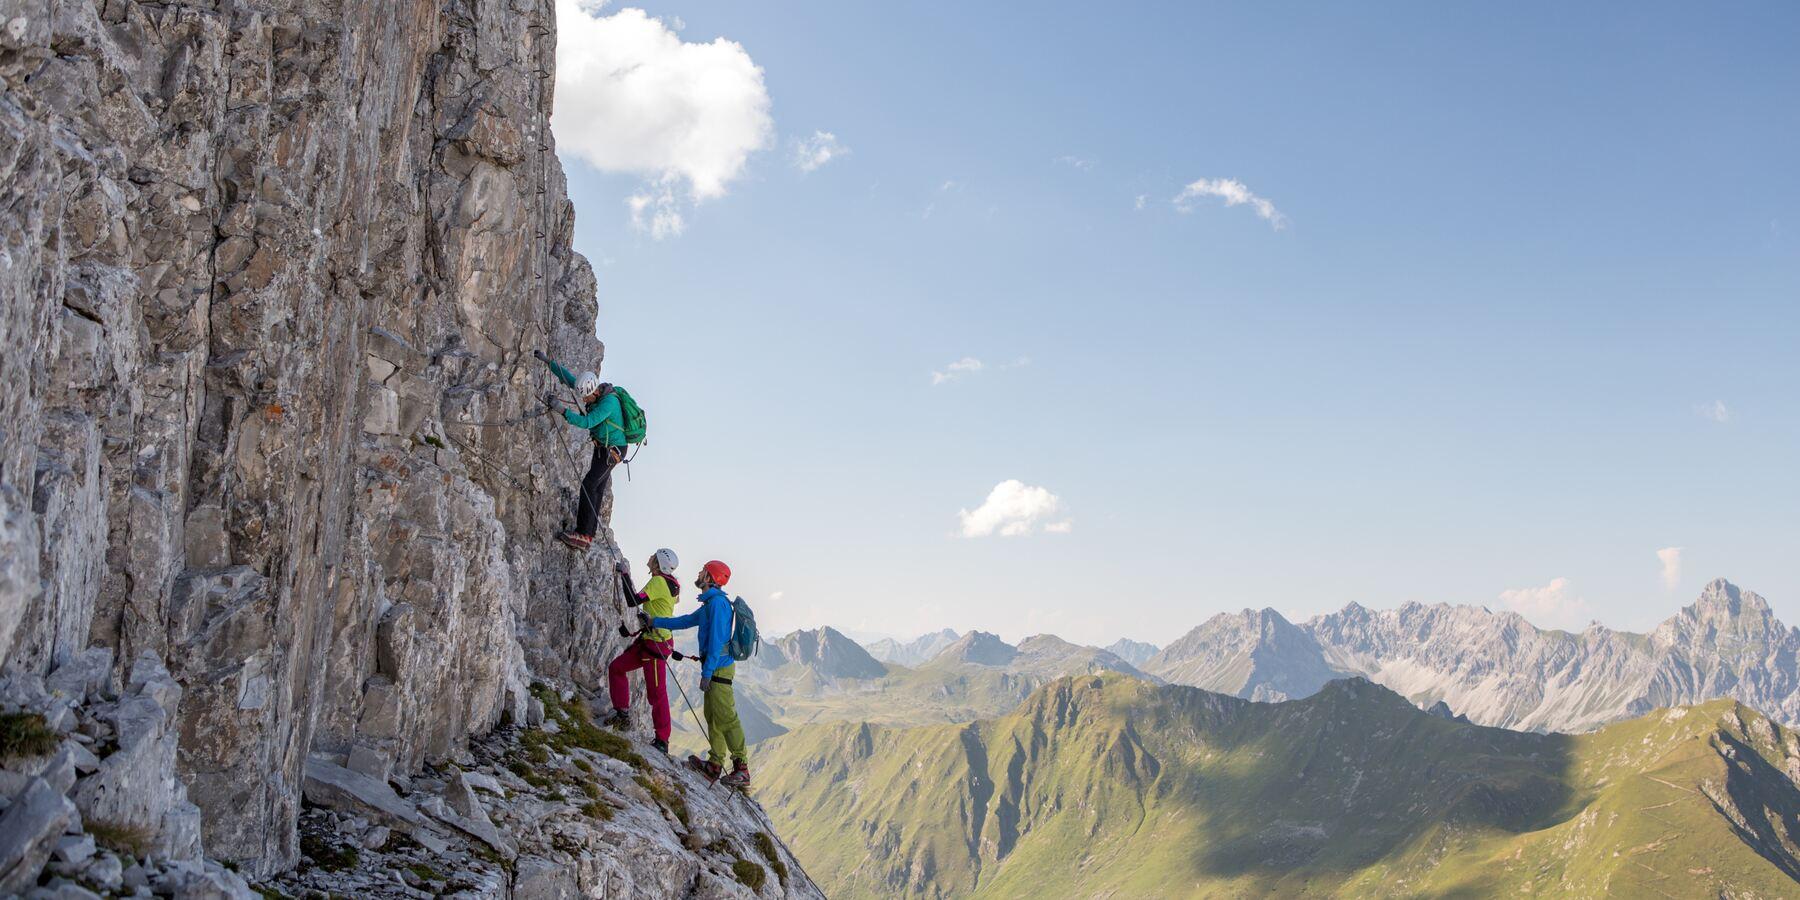 Klettern in Vorarlberg im Montafon | blaklimos.com